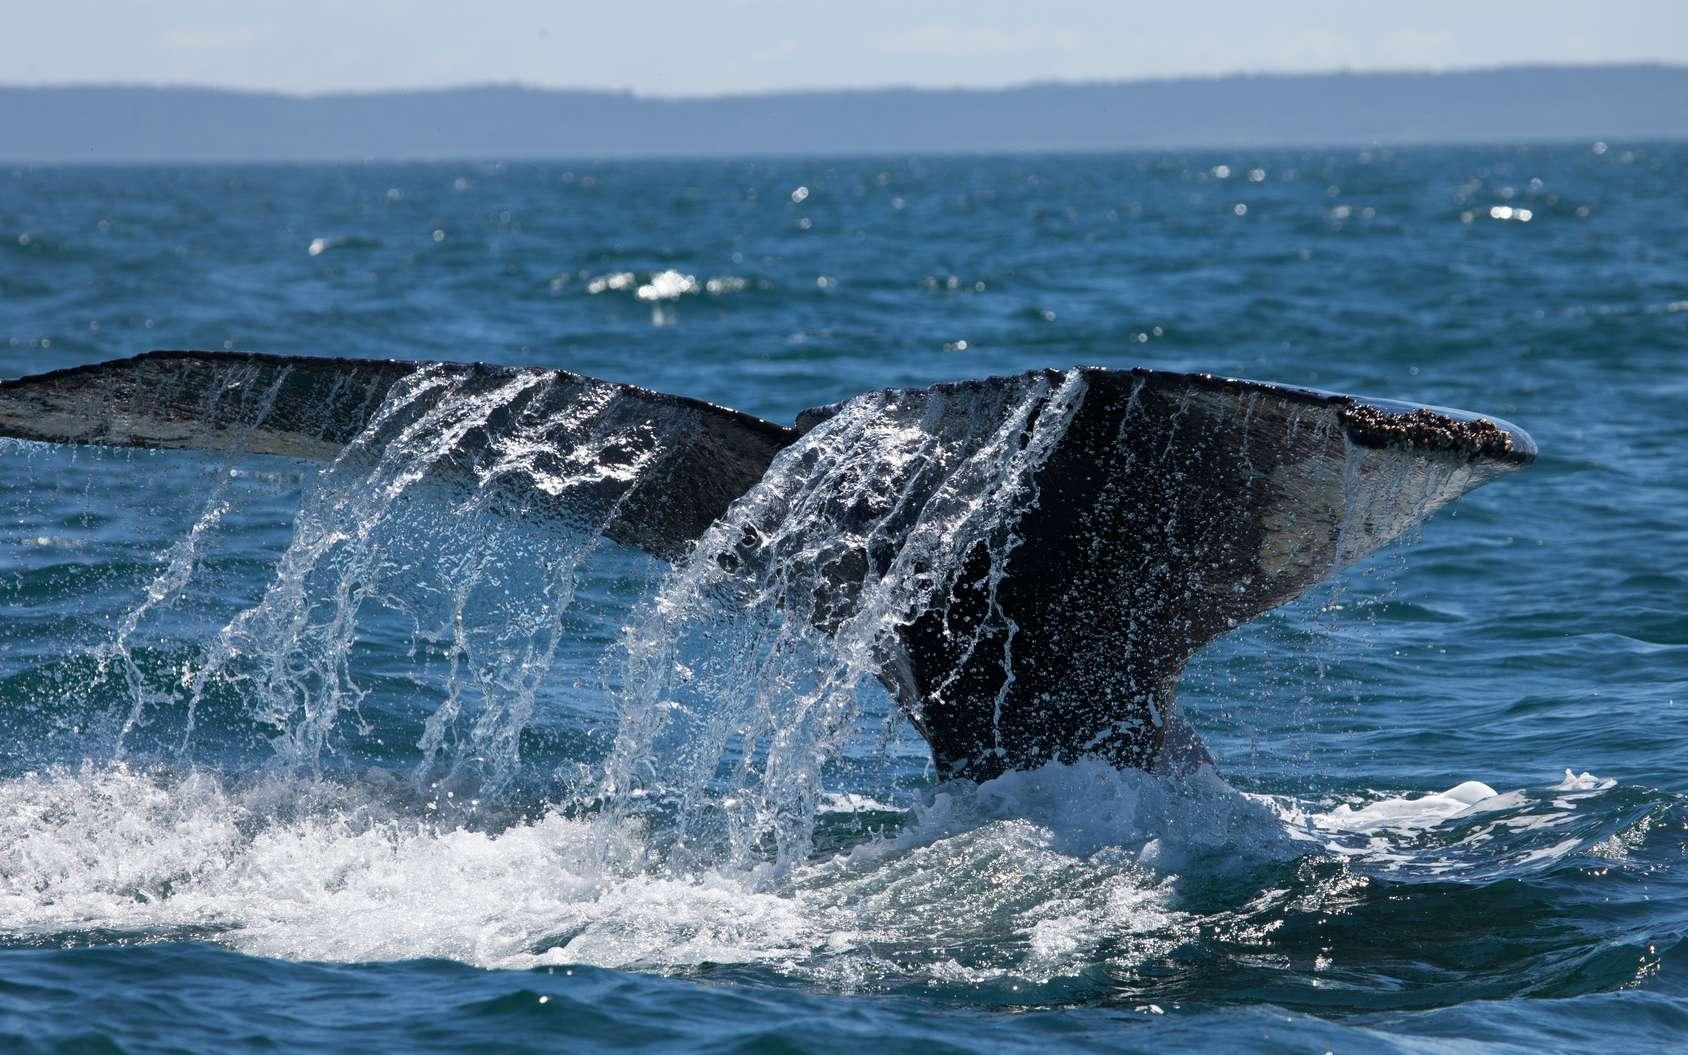 Quelles sont les plus grandes réserves marines du monde ? © DaiMar, fotolia